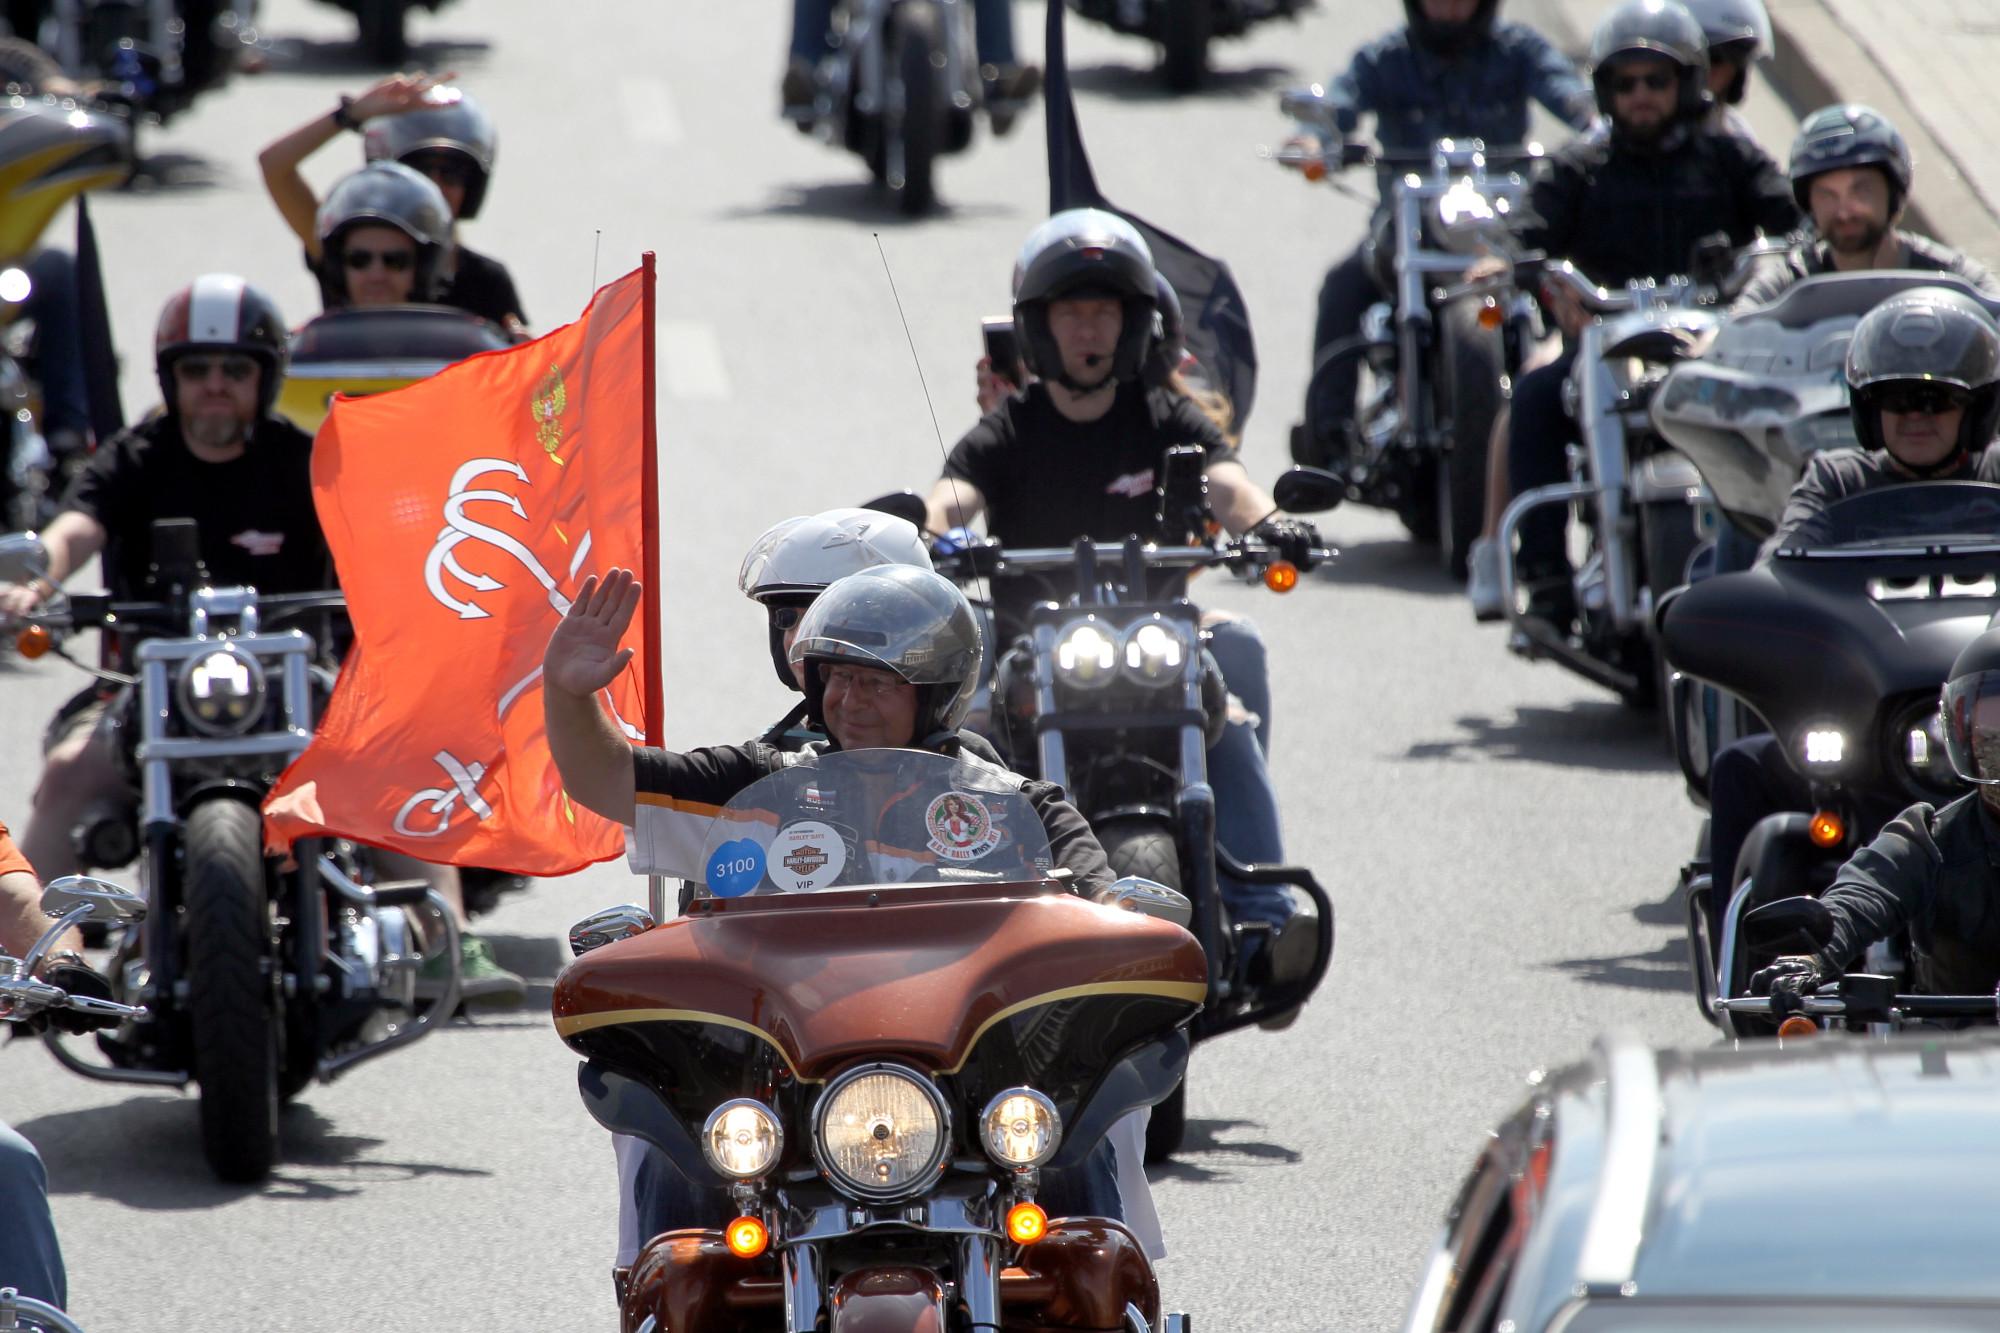 Игорь Щербаков, мотофестиваль Harley Days, мотоциклисты, байкеры